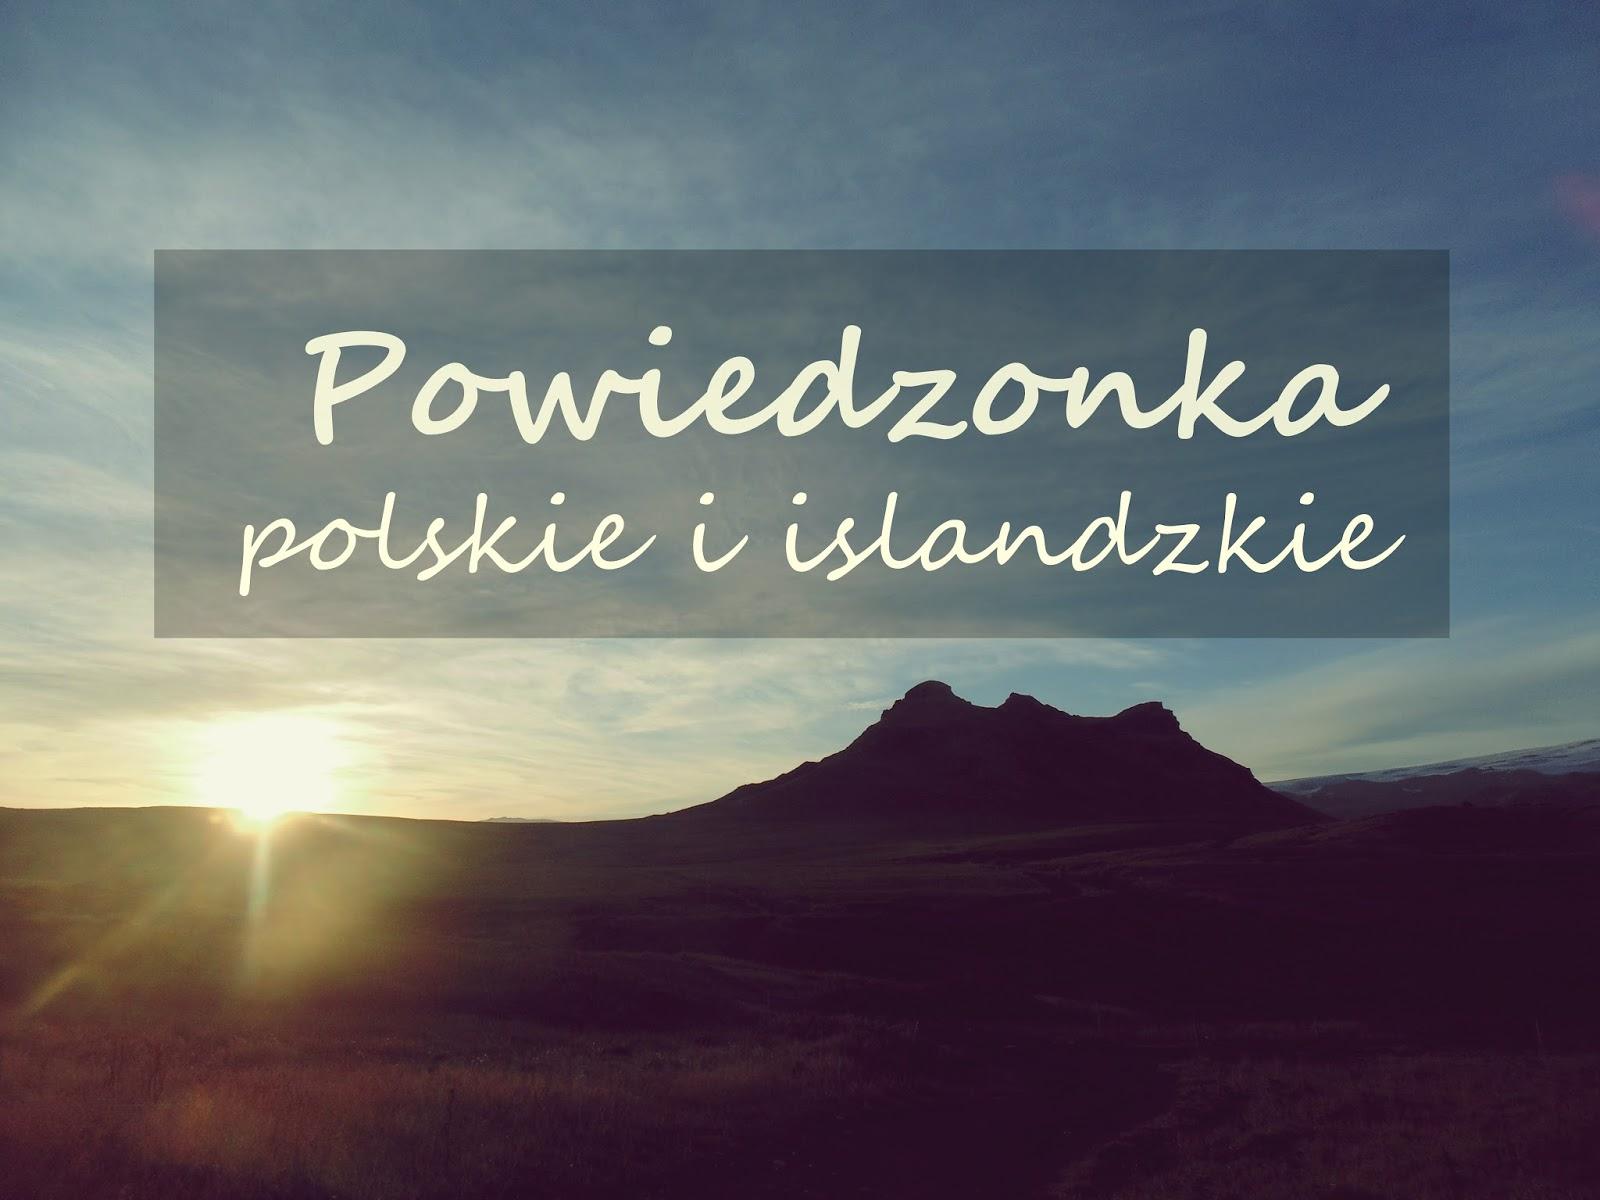 Powiedzenia polskie i islandzkie, Polska, Islandia, wschód słońca, krajobraz, nagłówek